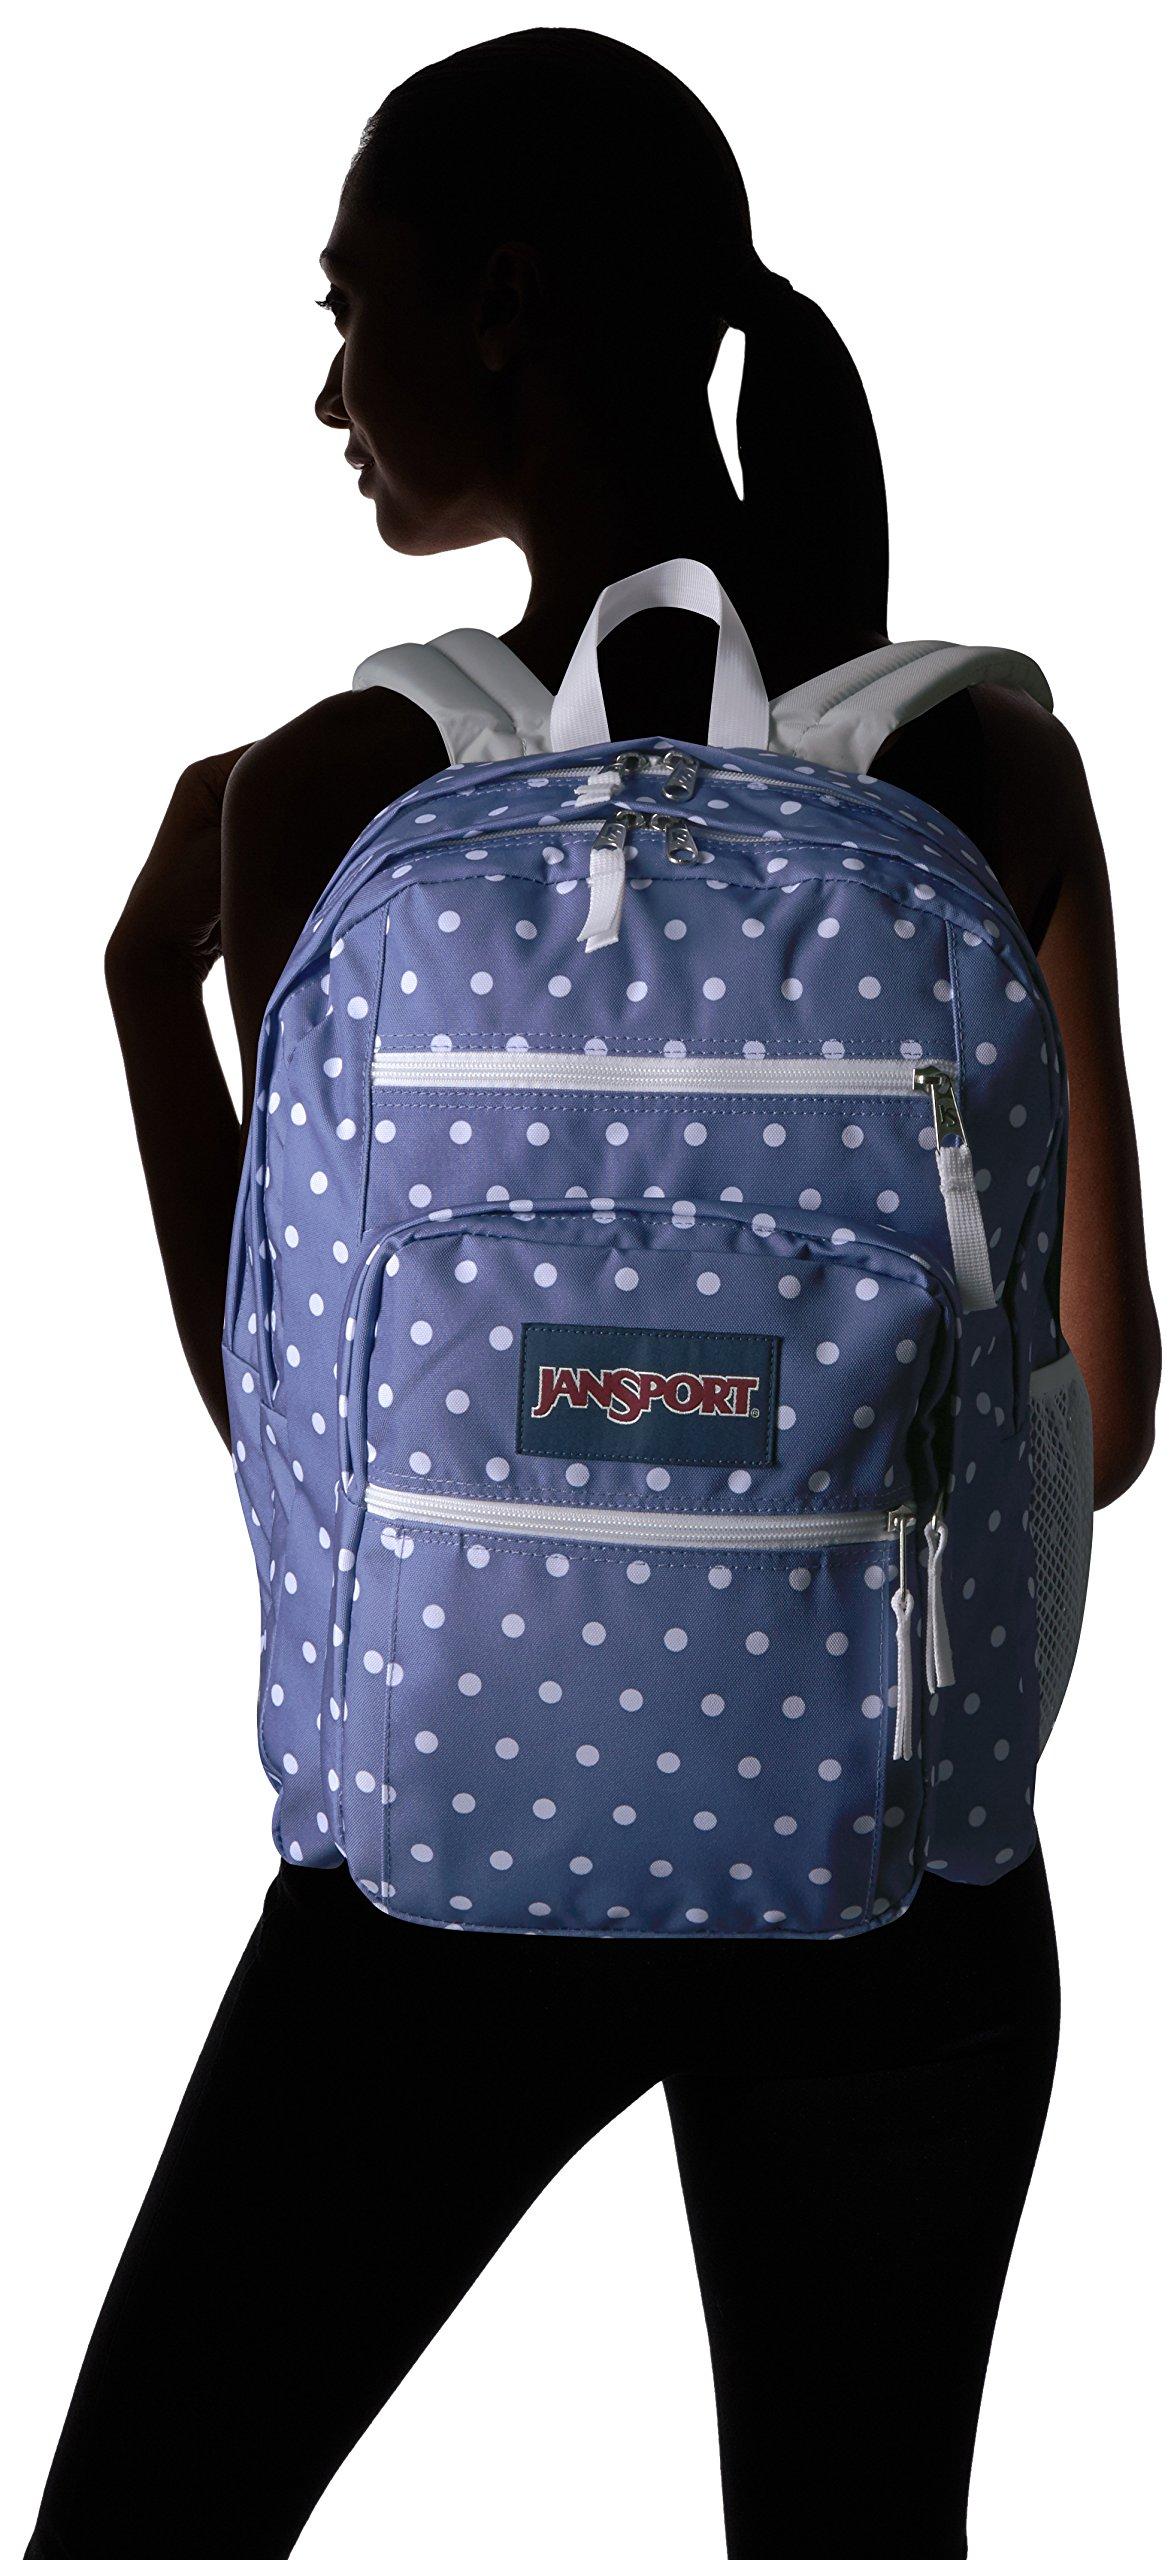 JanSport Big Student Backpack- Sale Colors (Bleached Denim / White Dot)